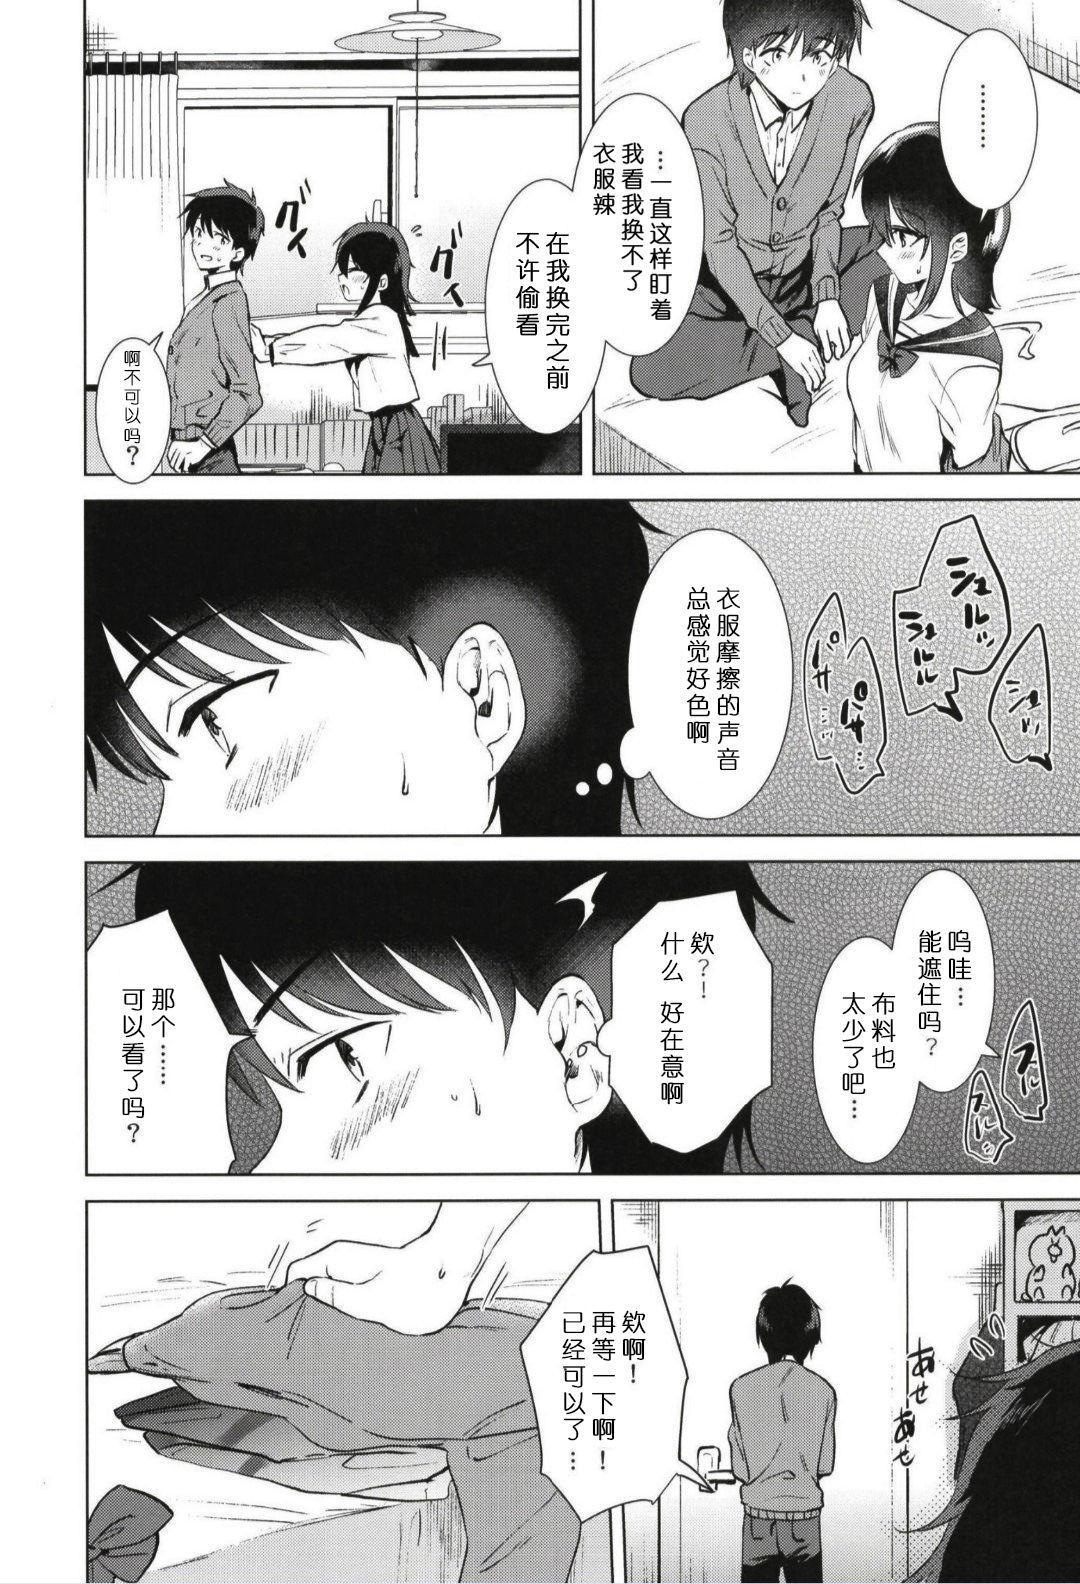 Hajimete no Fuyu - the first winter 10